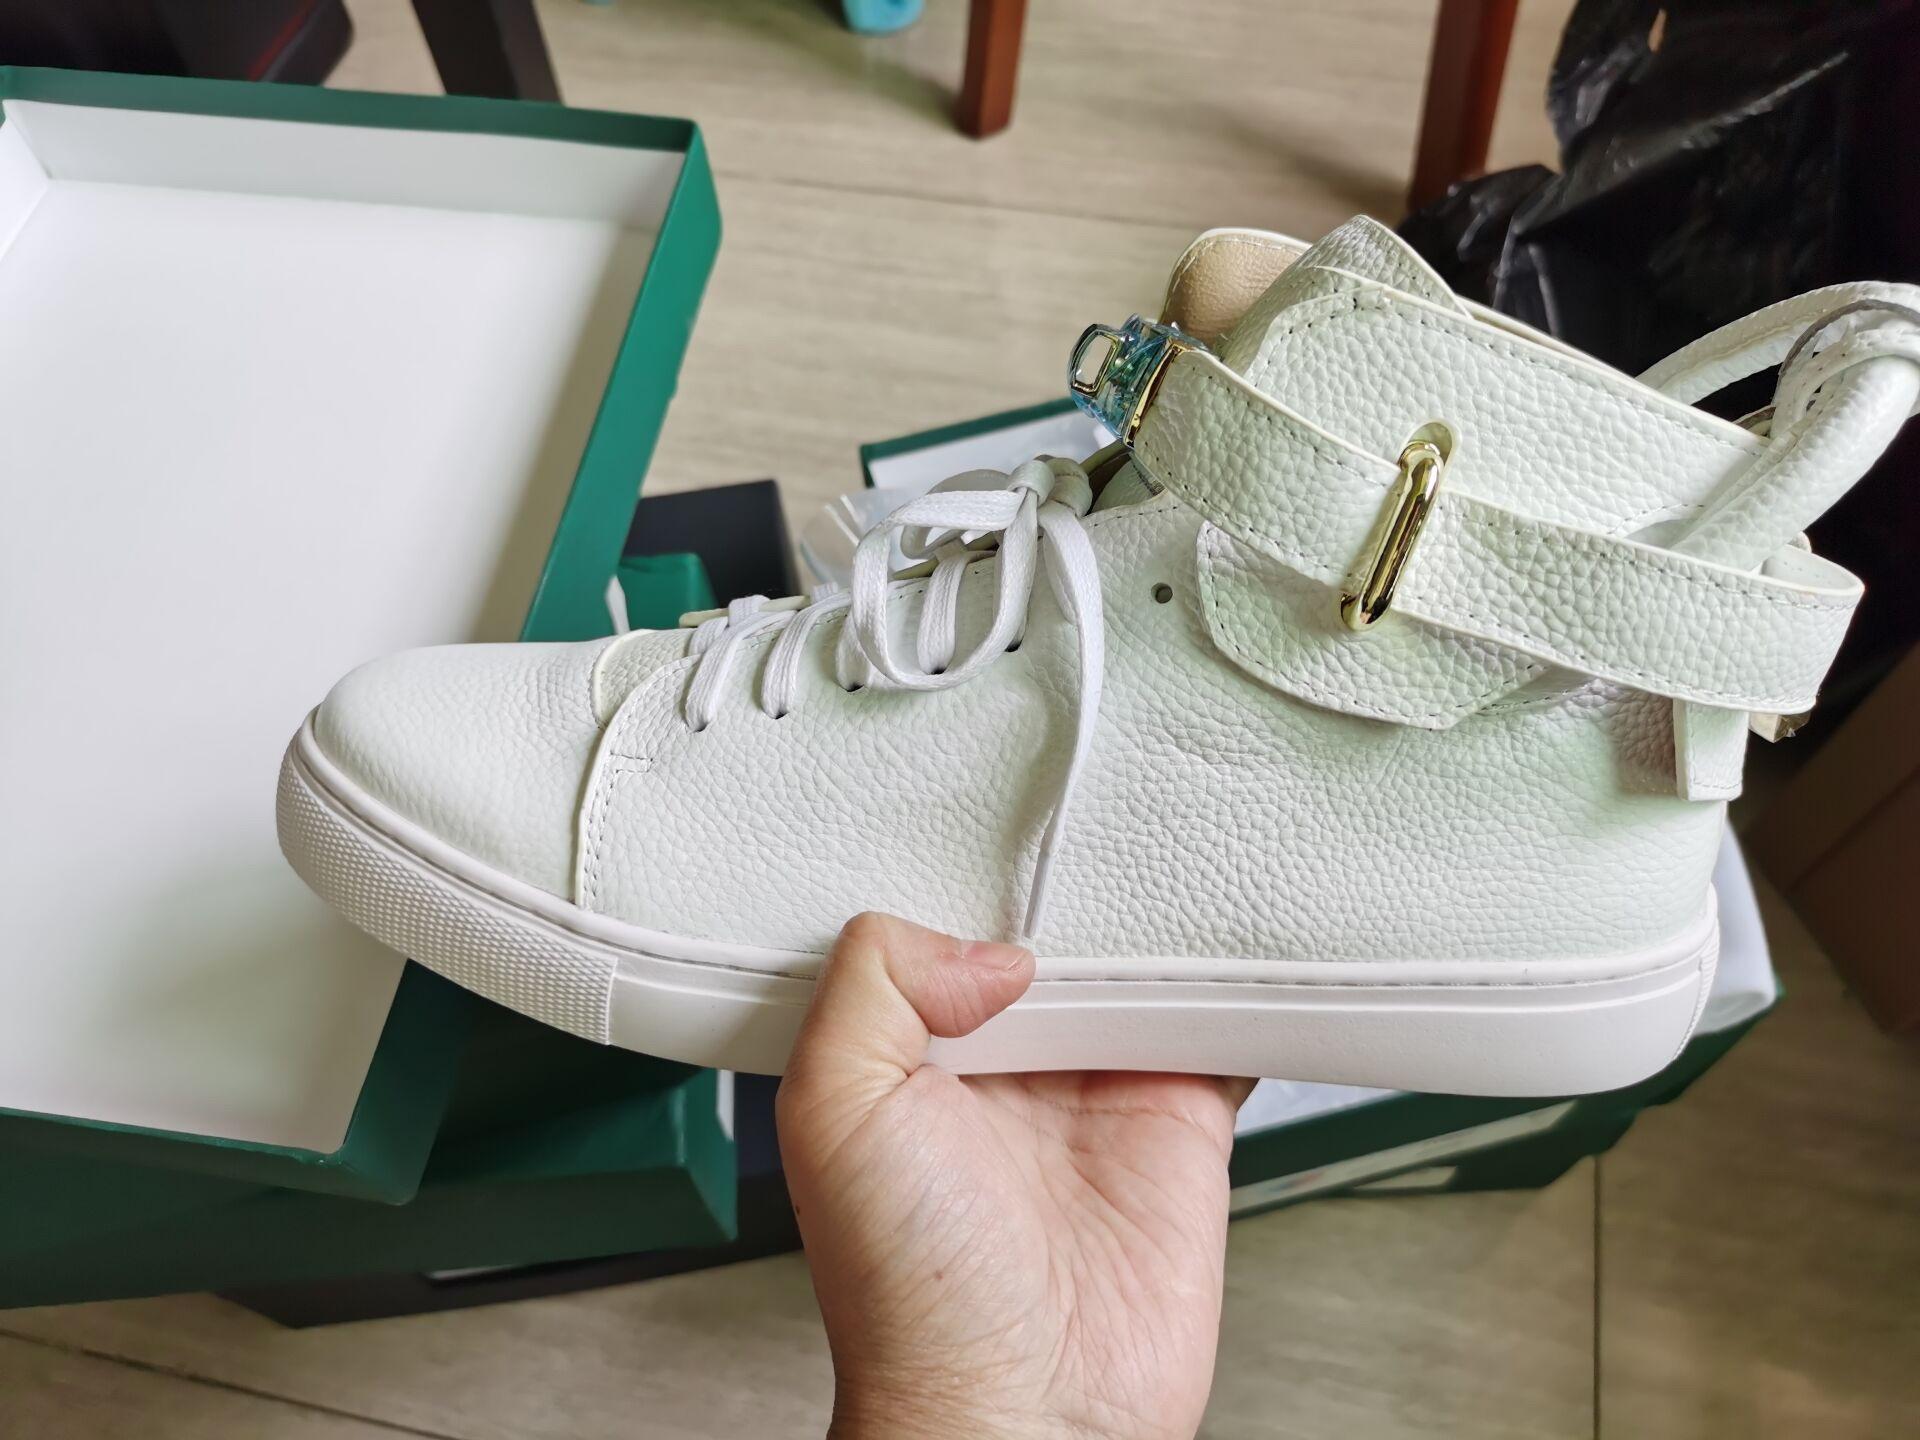 El nuevo diseñador de zapatillas de deporte superiores de cuero de vaca de los hombres de moda zapatos planos ocasionales cómodos zapatos de los zapatos de bloqueo de rojo / negro / blanco del color